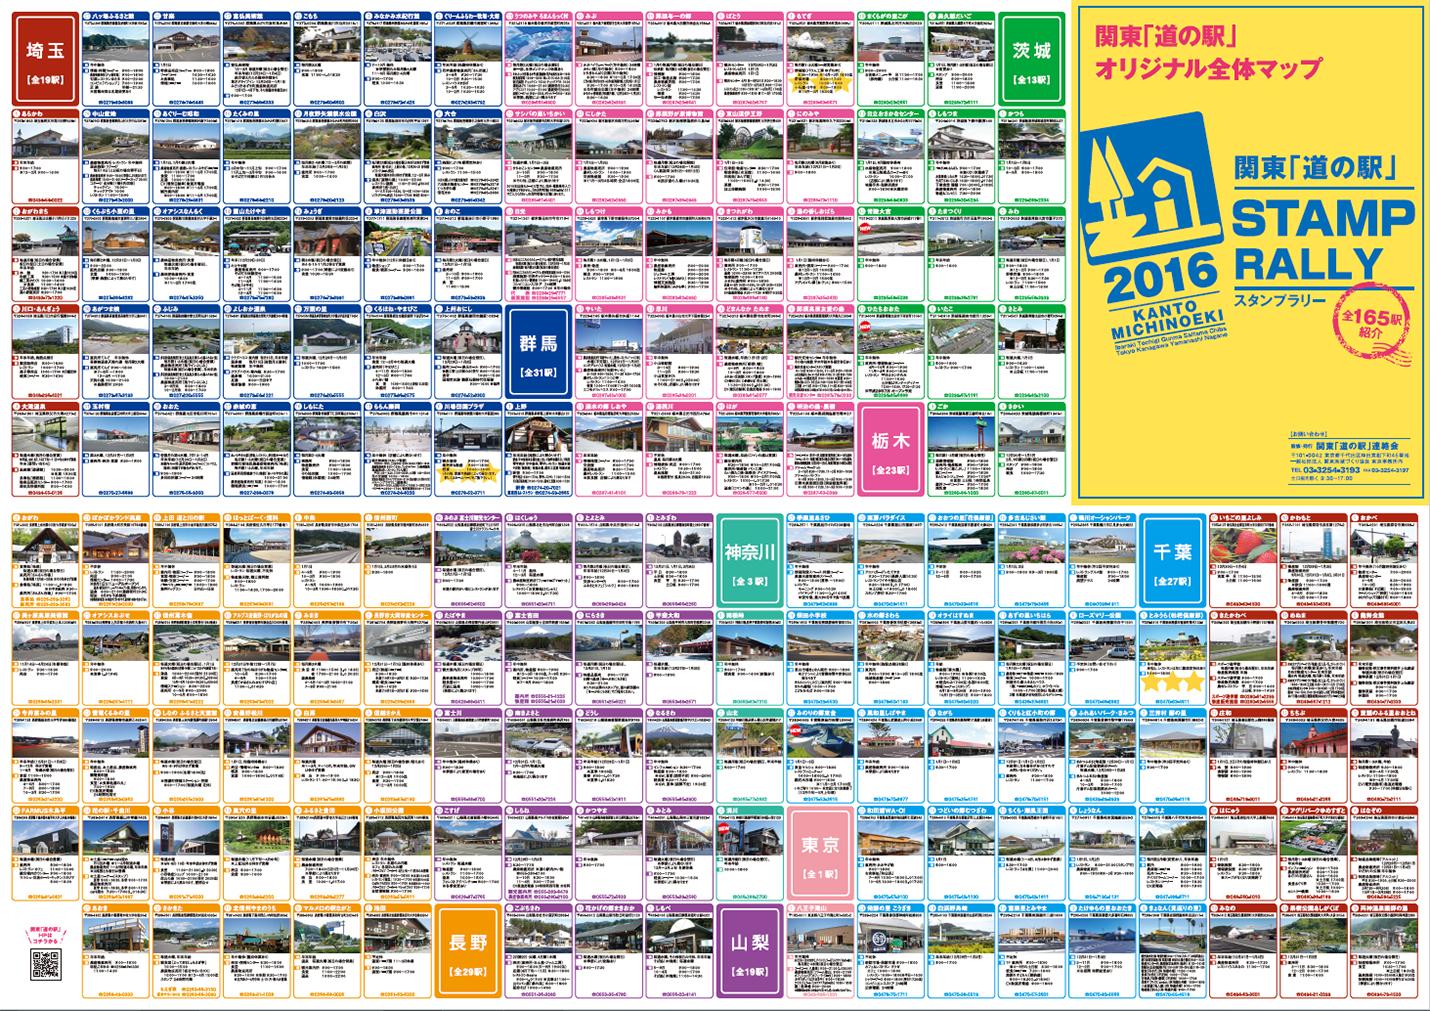 2016スタンプブックマップ